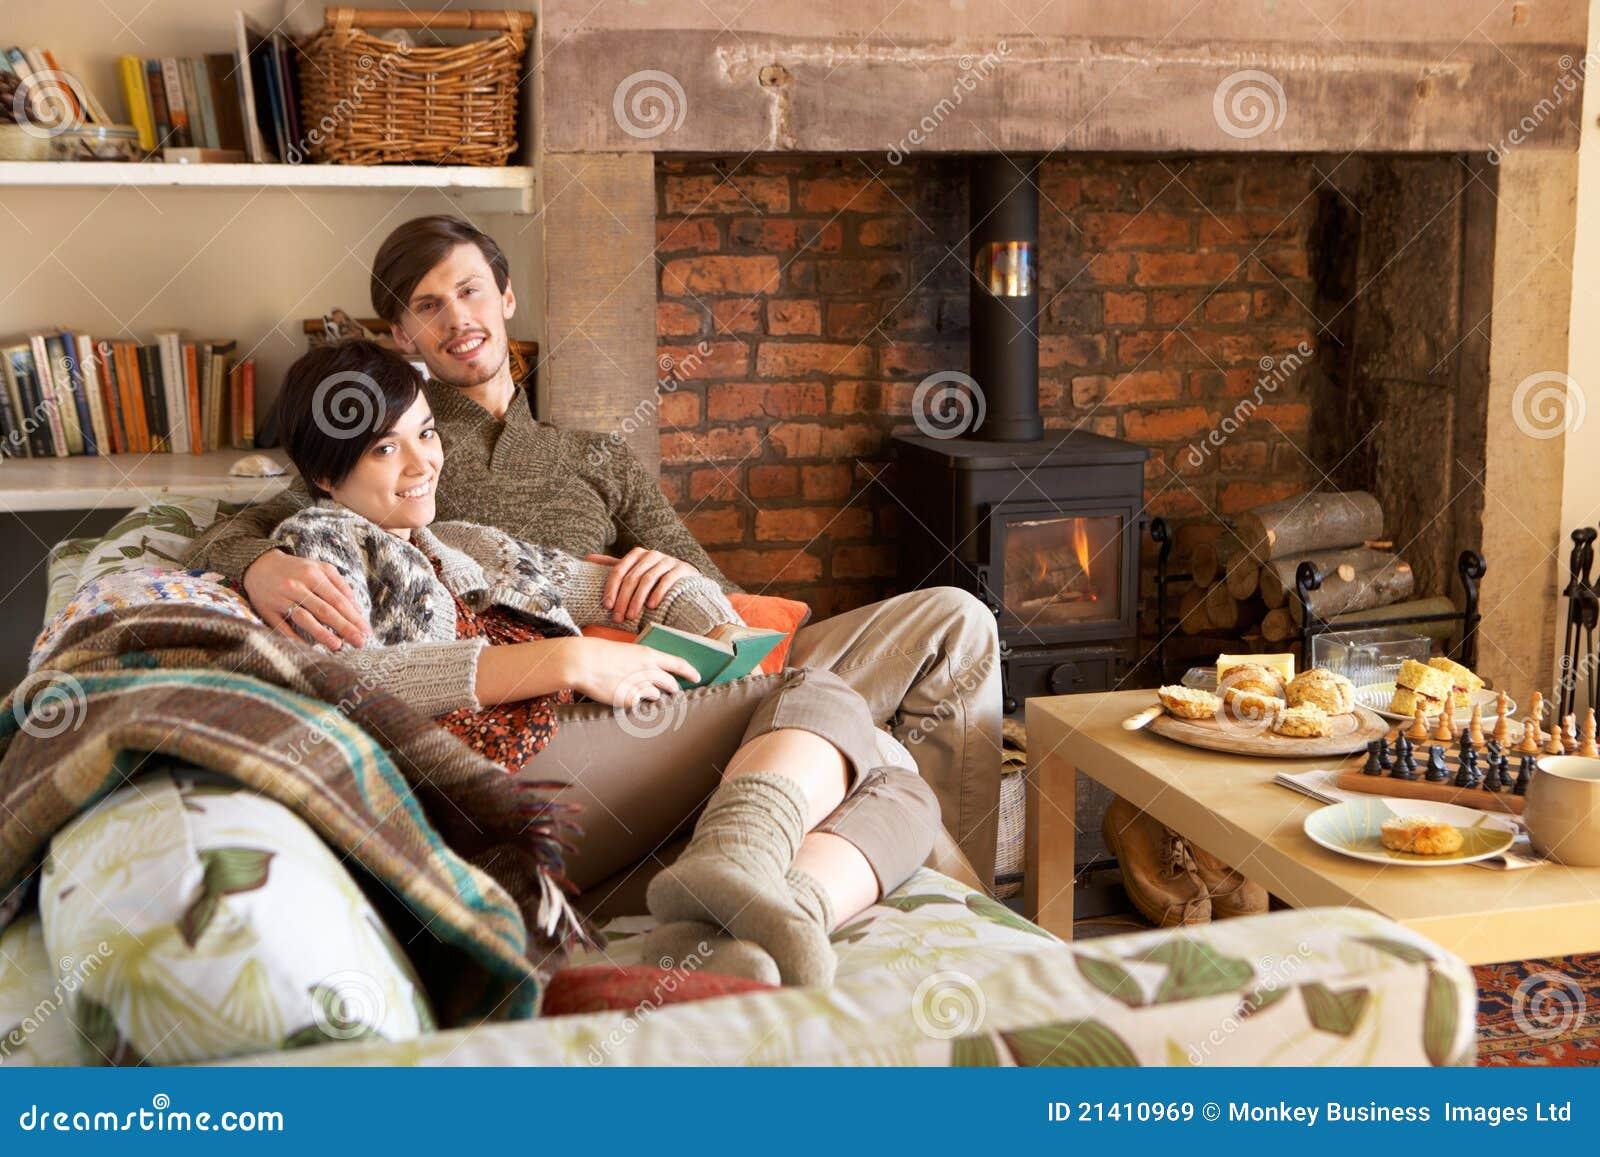 Фото пар возле камина 20 фотография